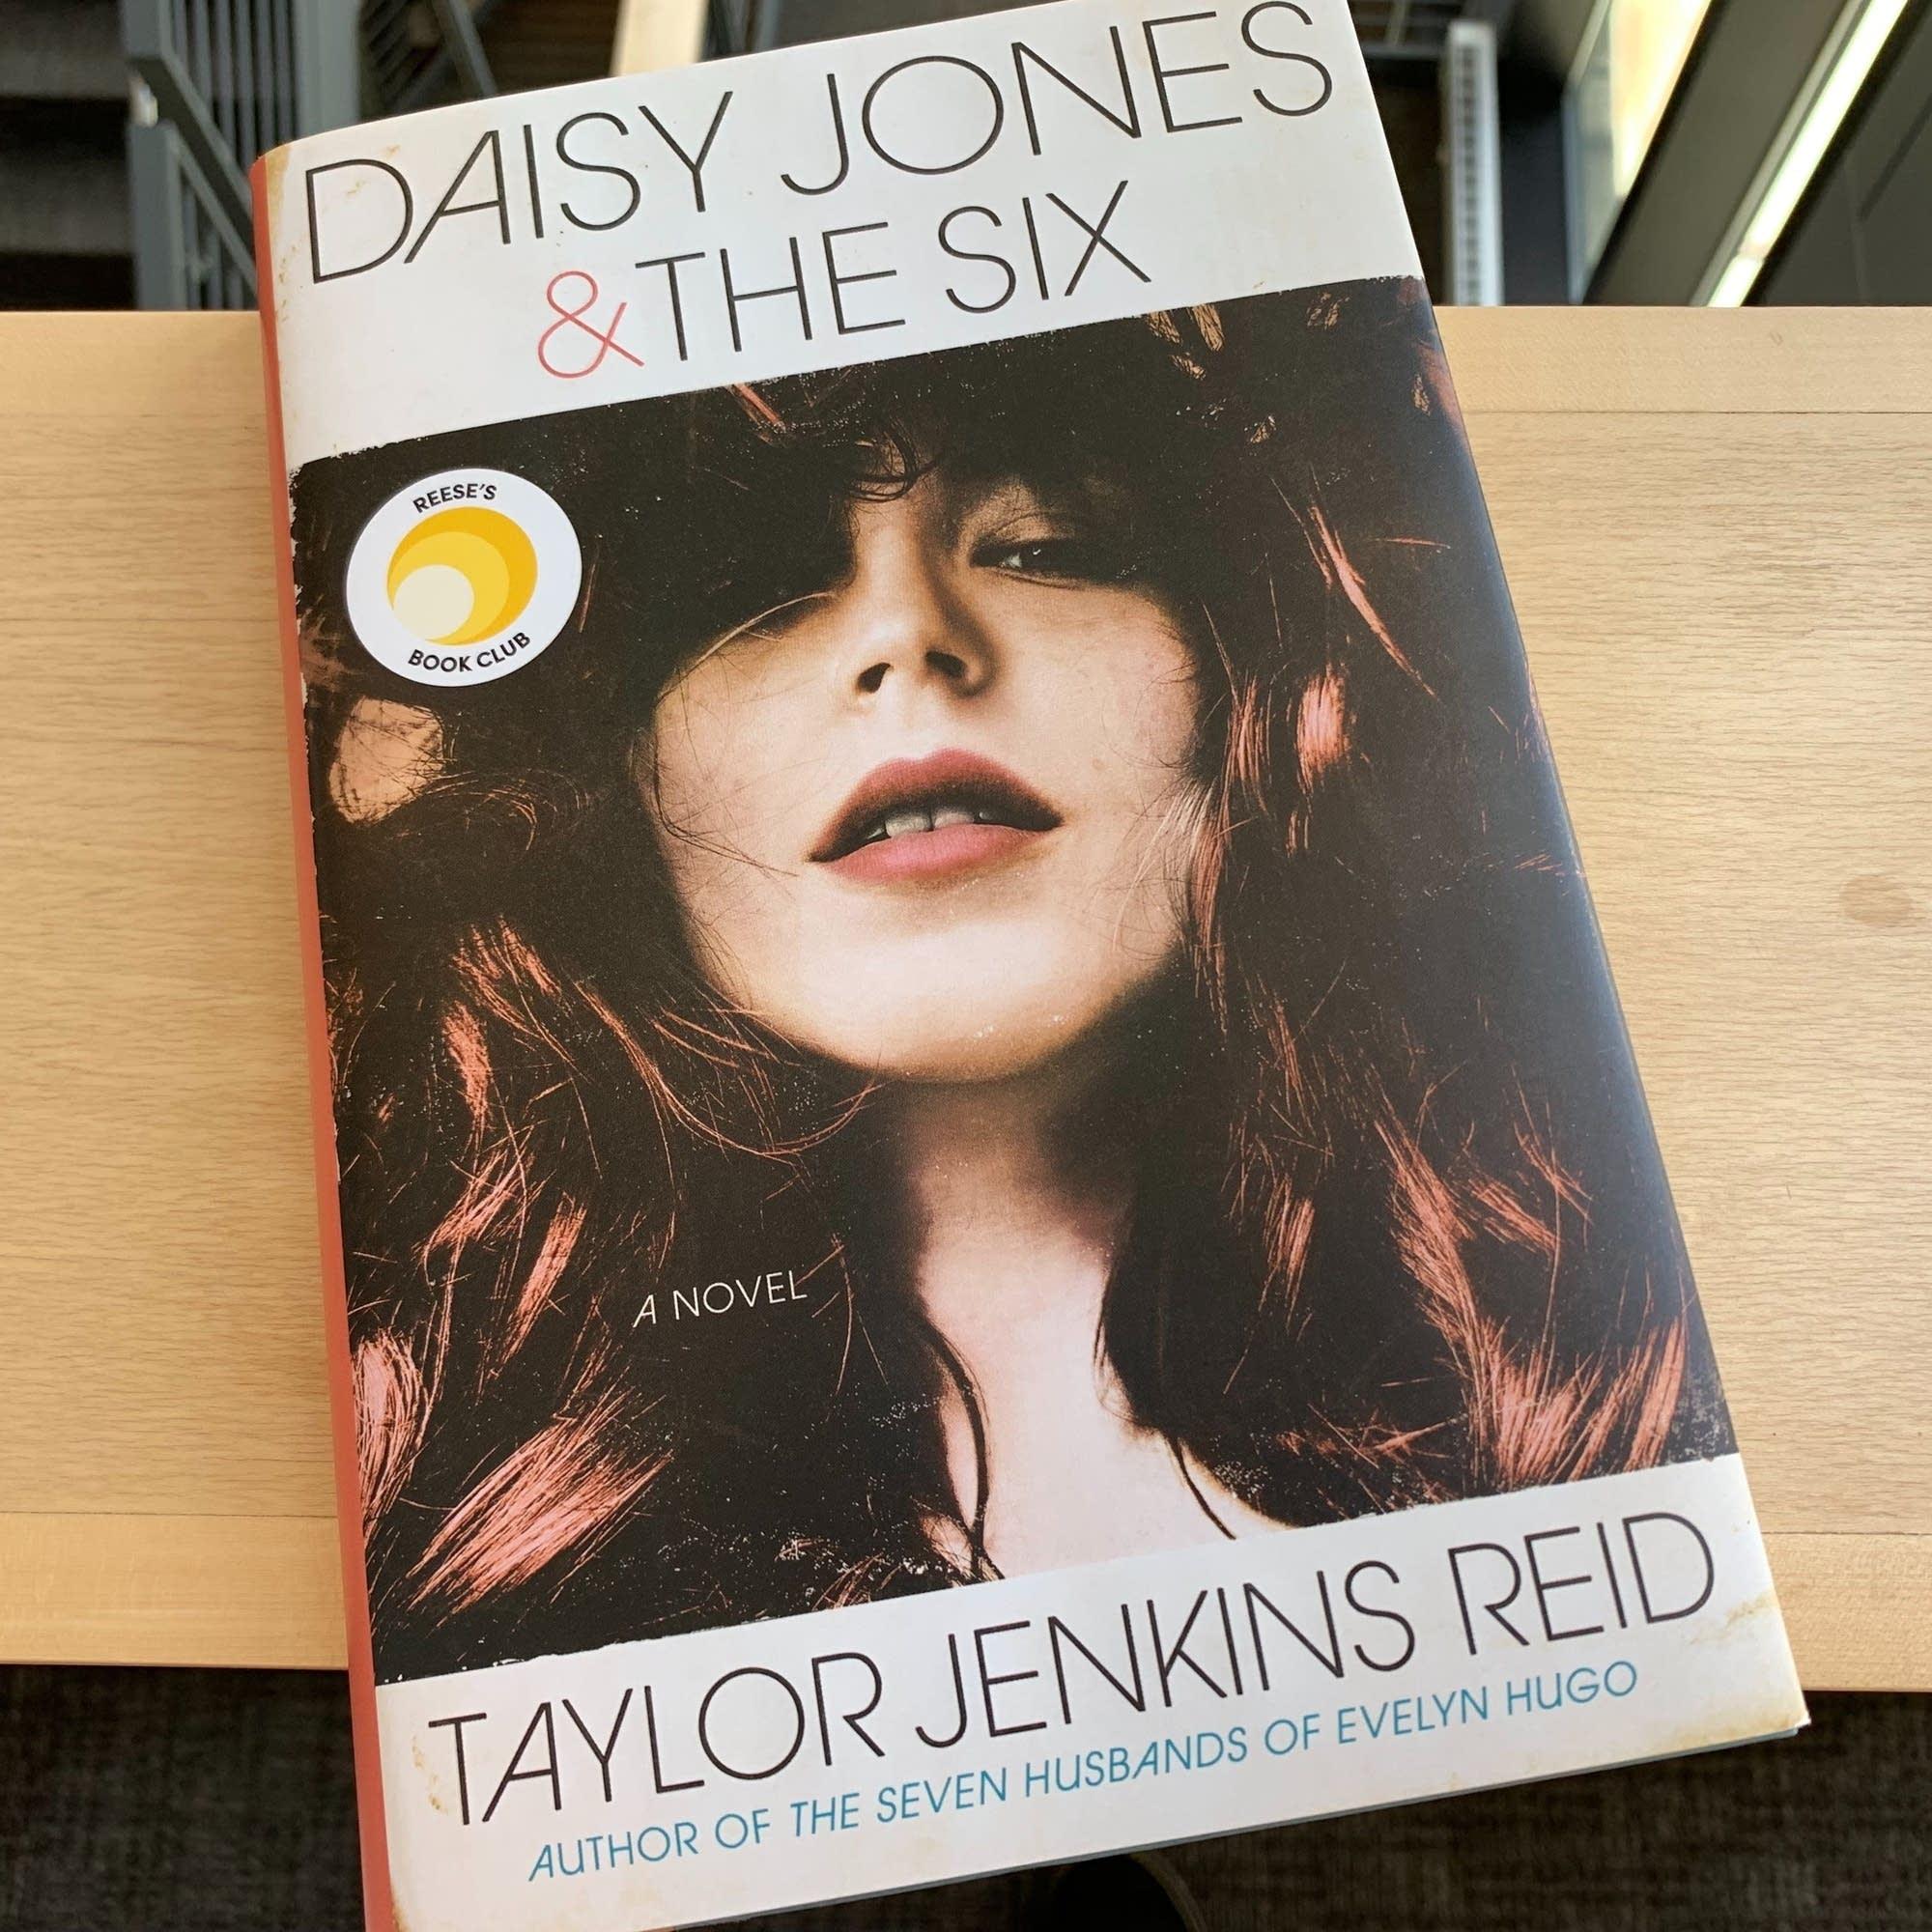 'Daisy Jones & the Six' by Taylor Jenkins Reid.